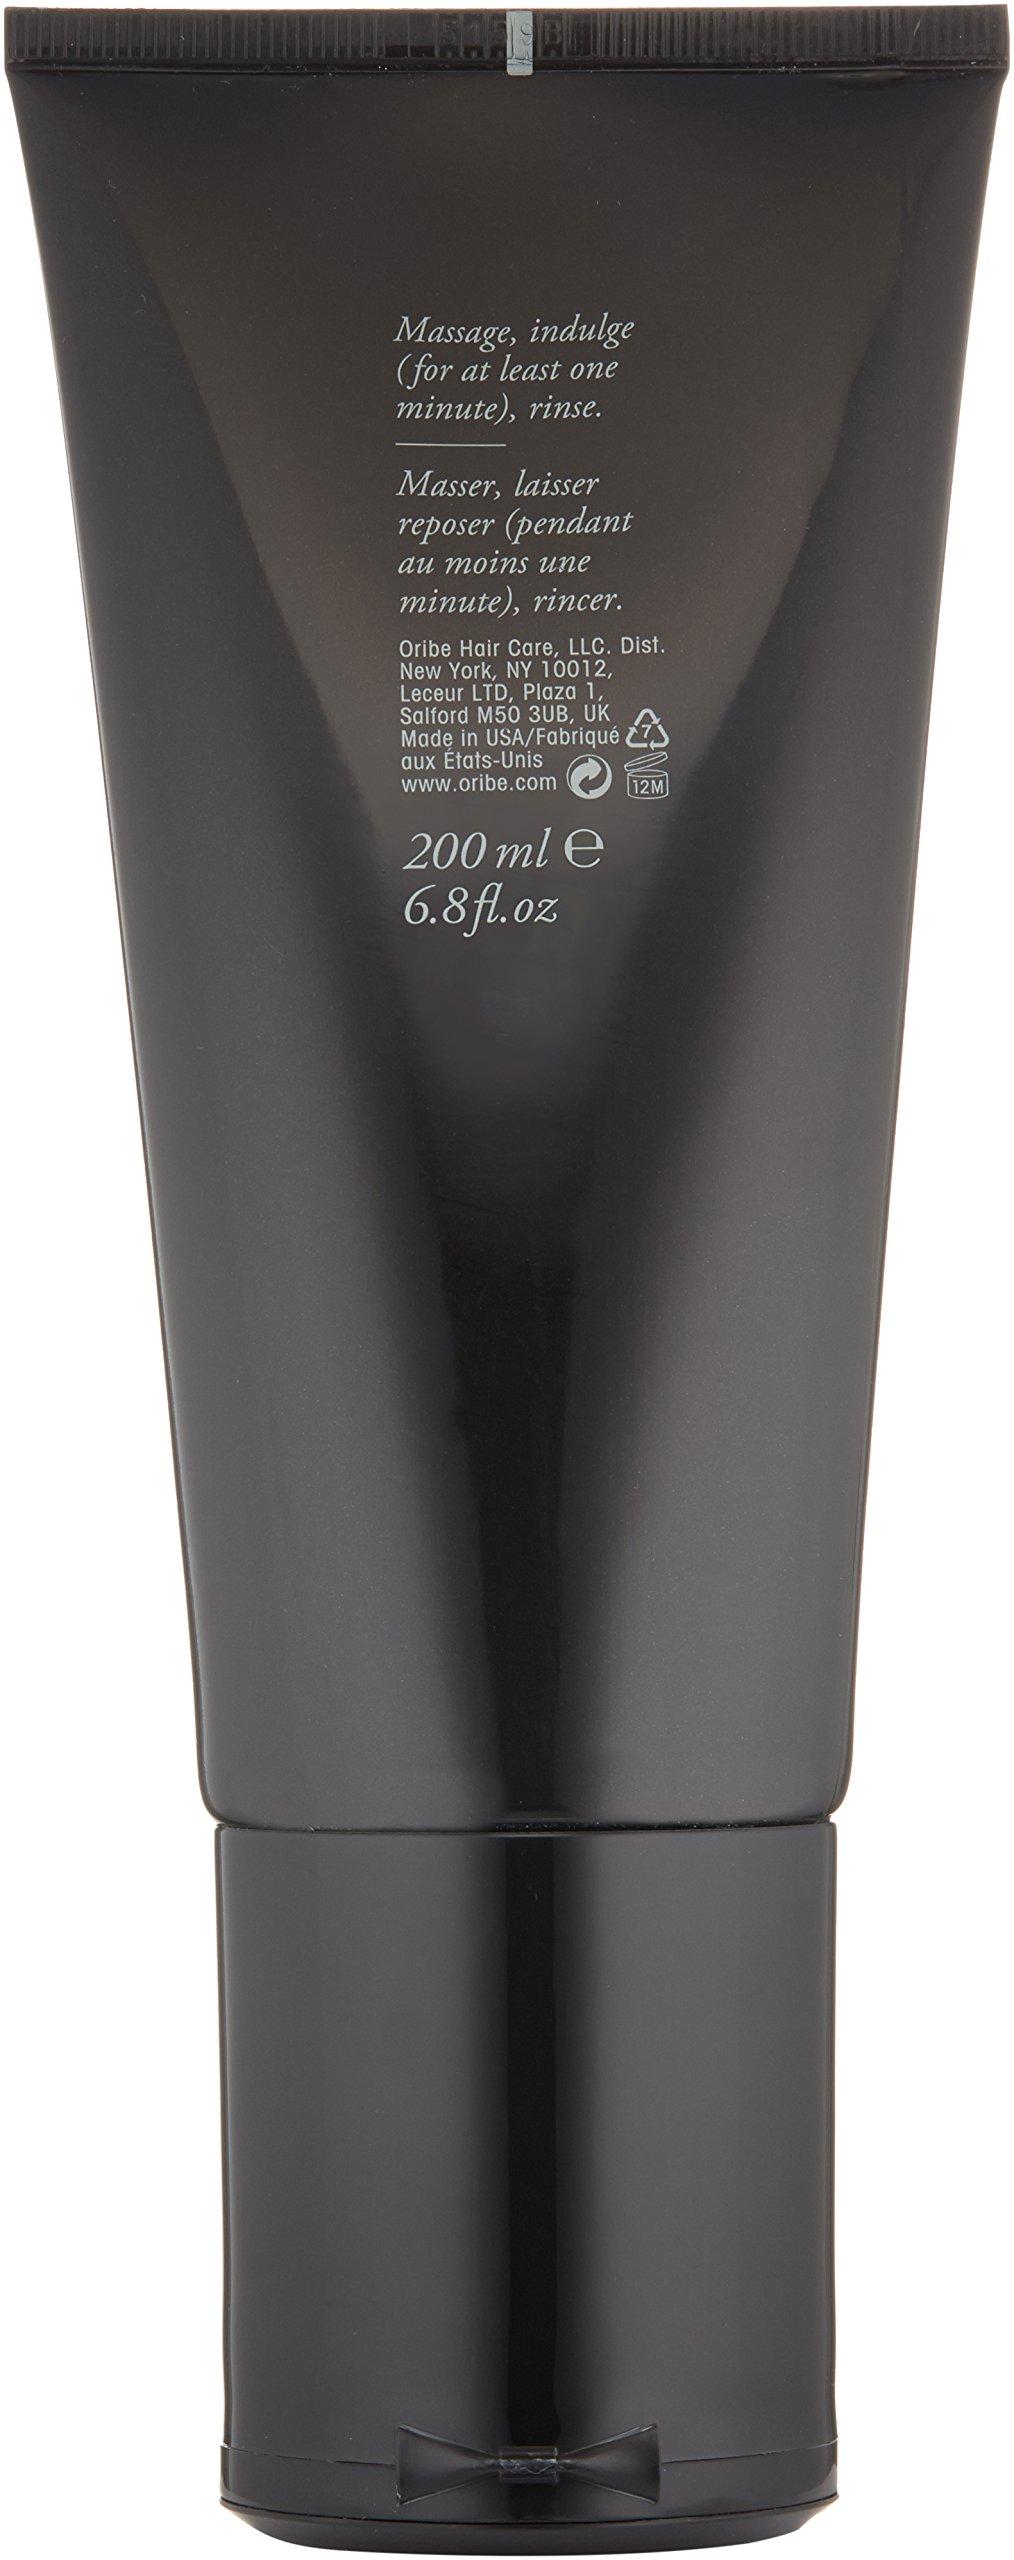 Oribe Signature Conditioner 6.8 FL OZ by ORIBE (Image #4)